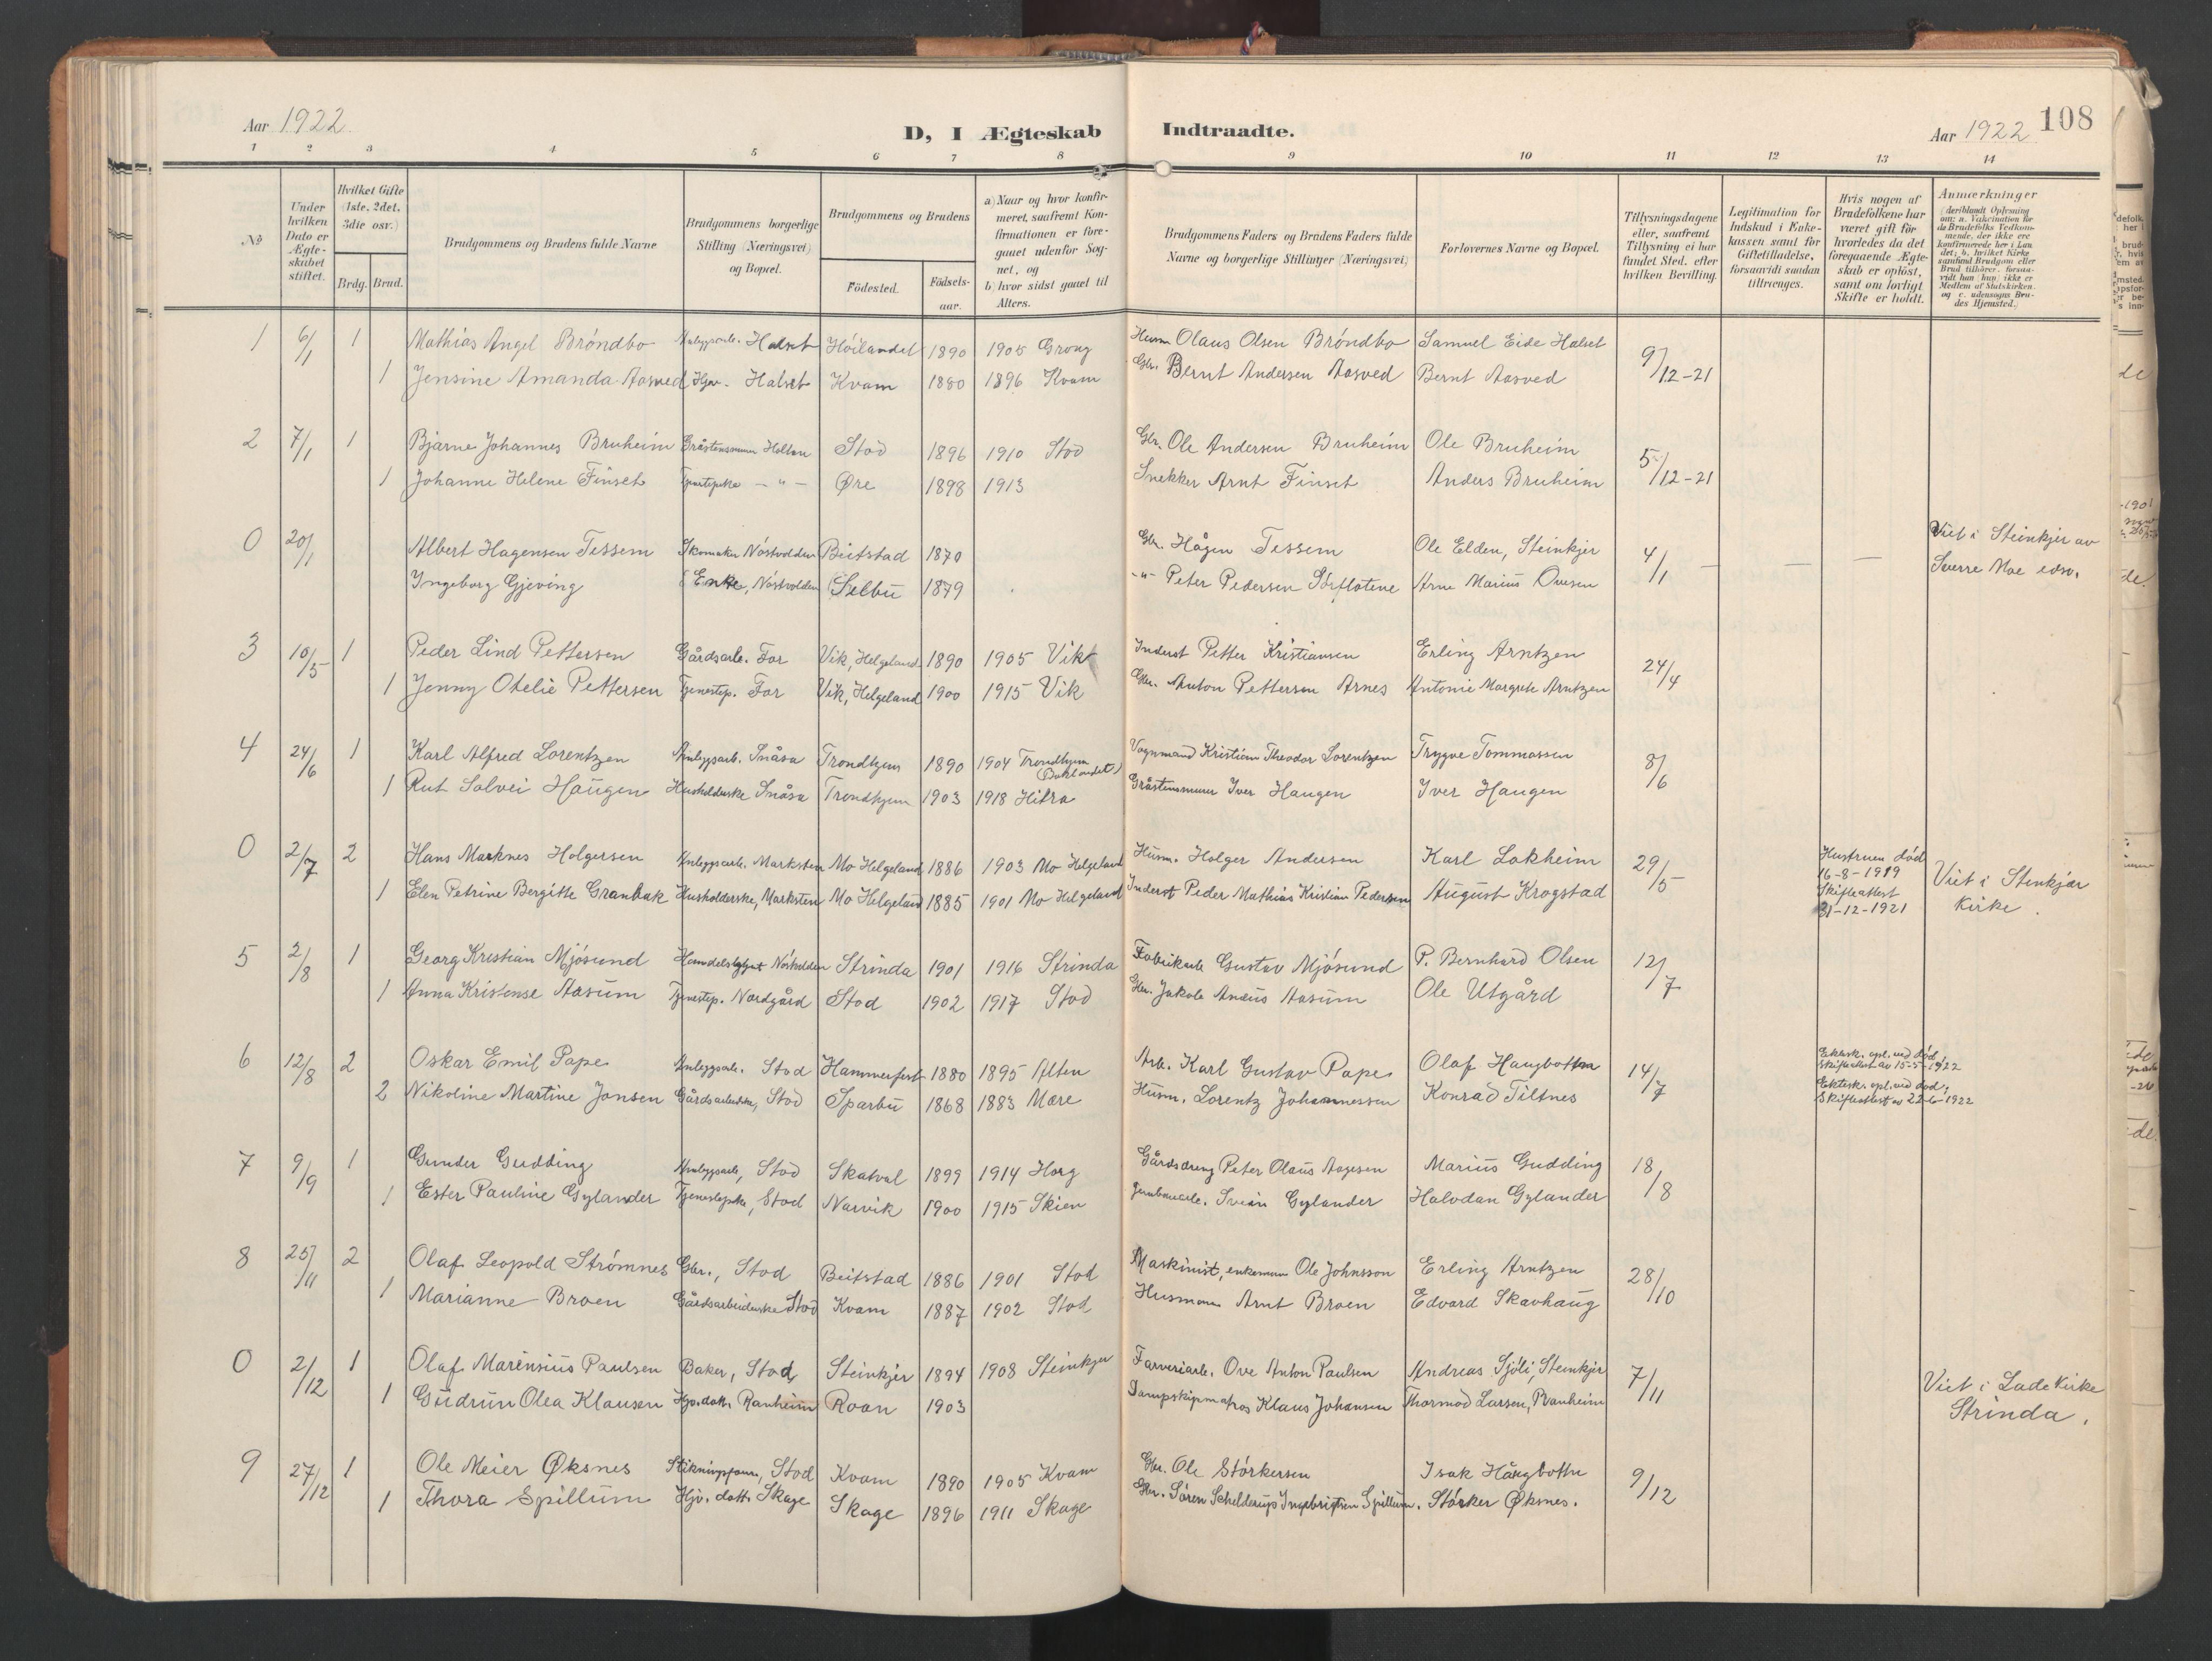 SAT, Ministerialprotokoller, klokkerbøker og fødselsregistre - Nord-Trøndelag, 746/L0455: Klokkerbok nr. 746C01, 1908-1933, s. 108